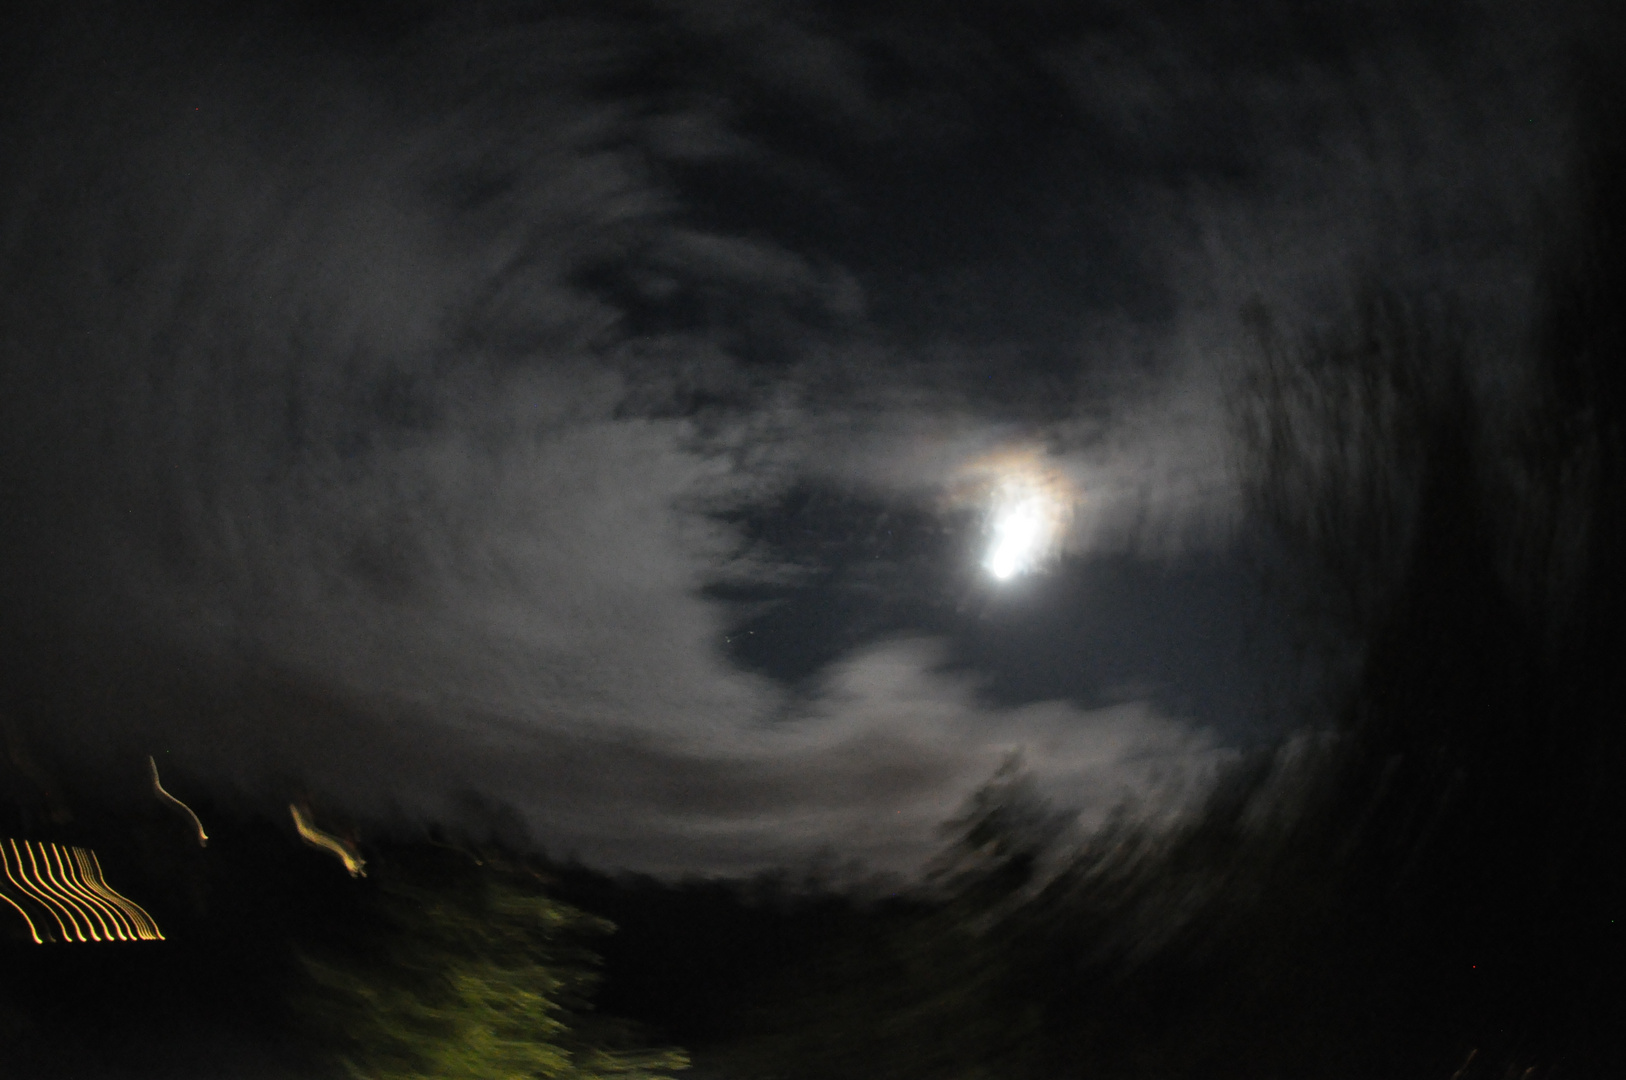 wolkiger himmel bei nacht